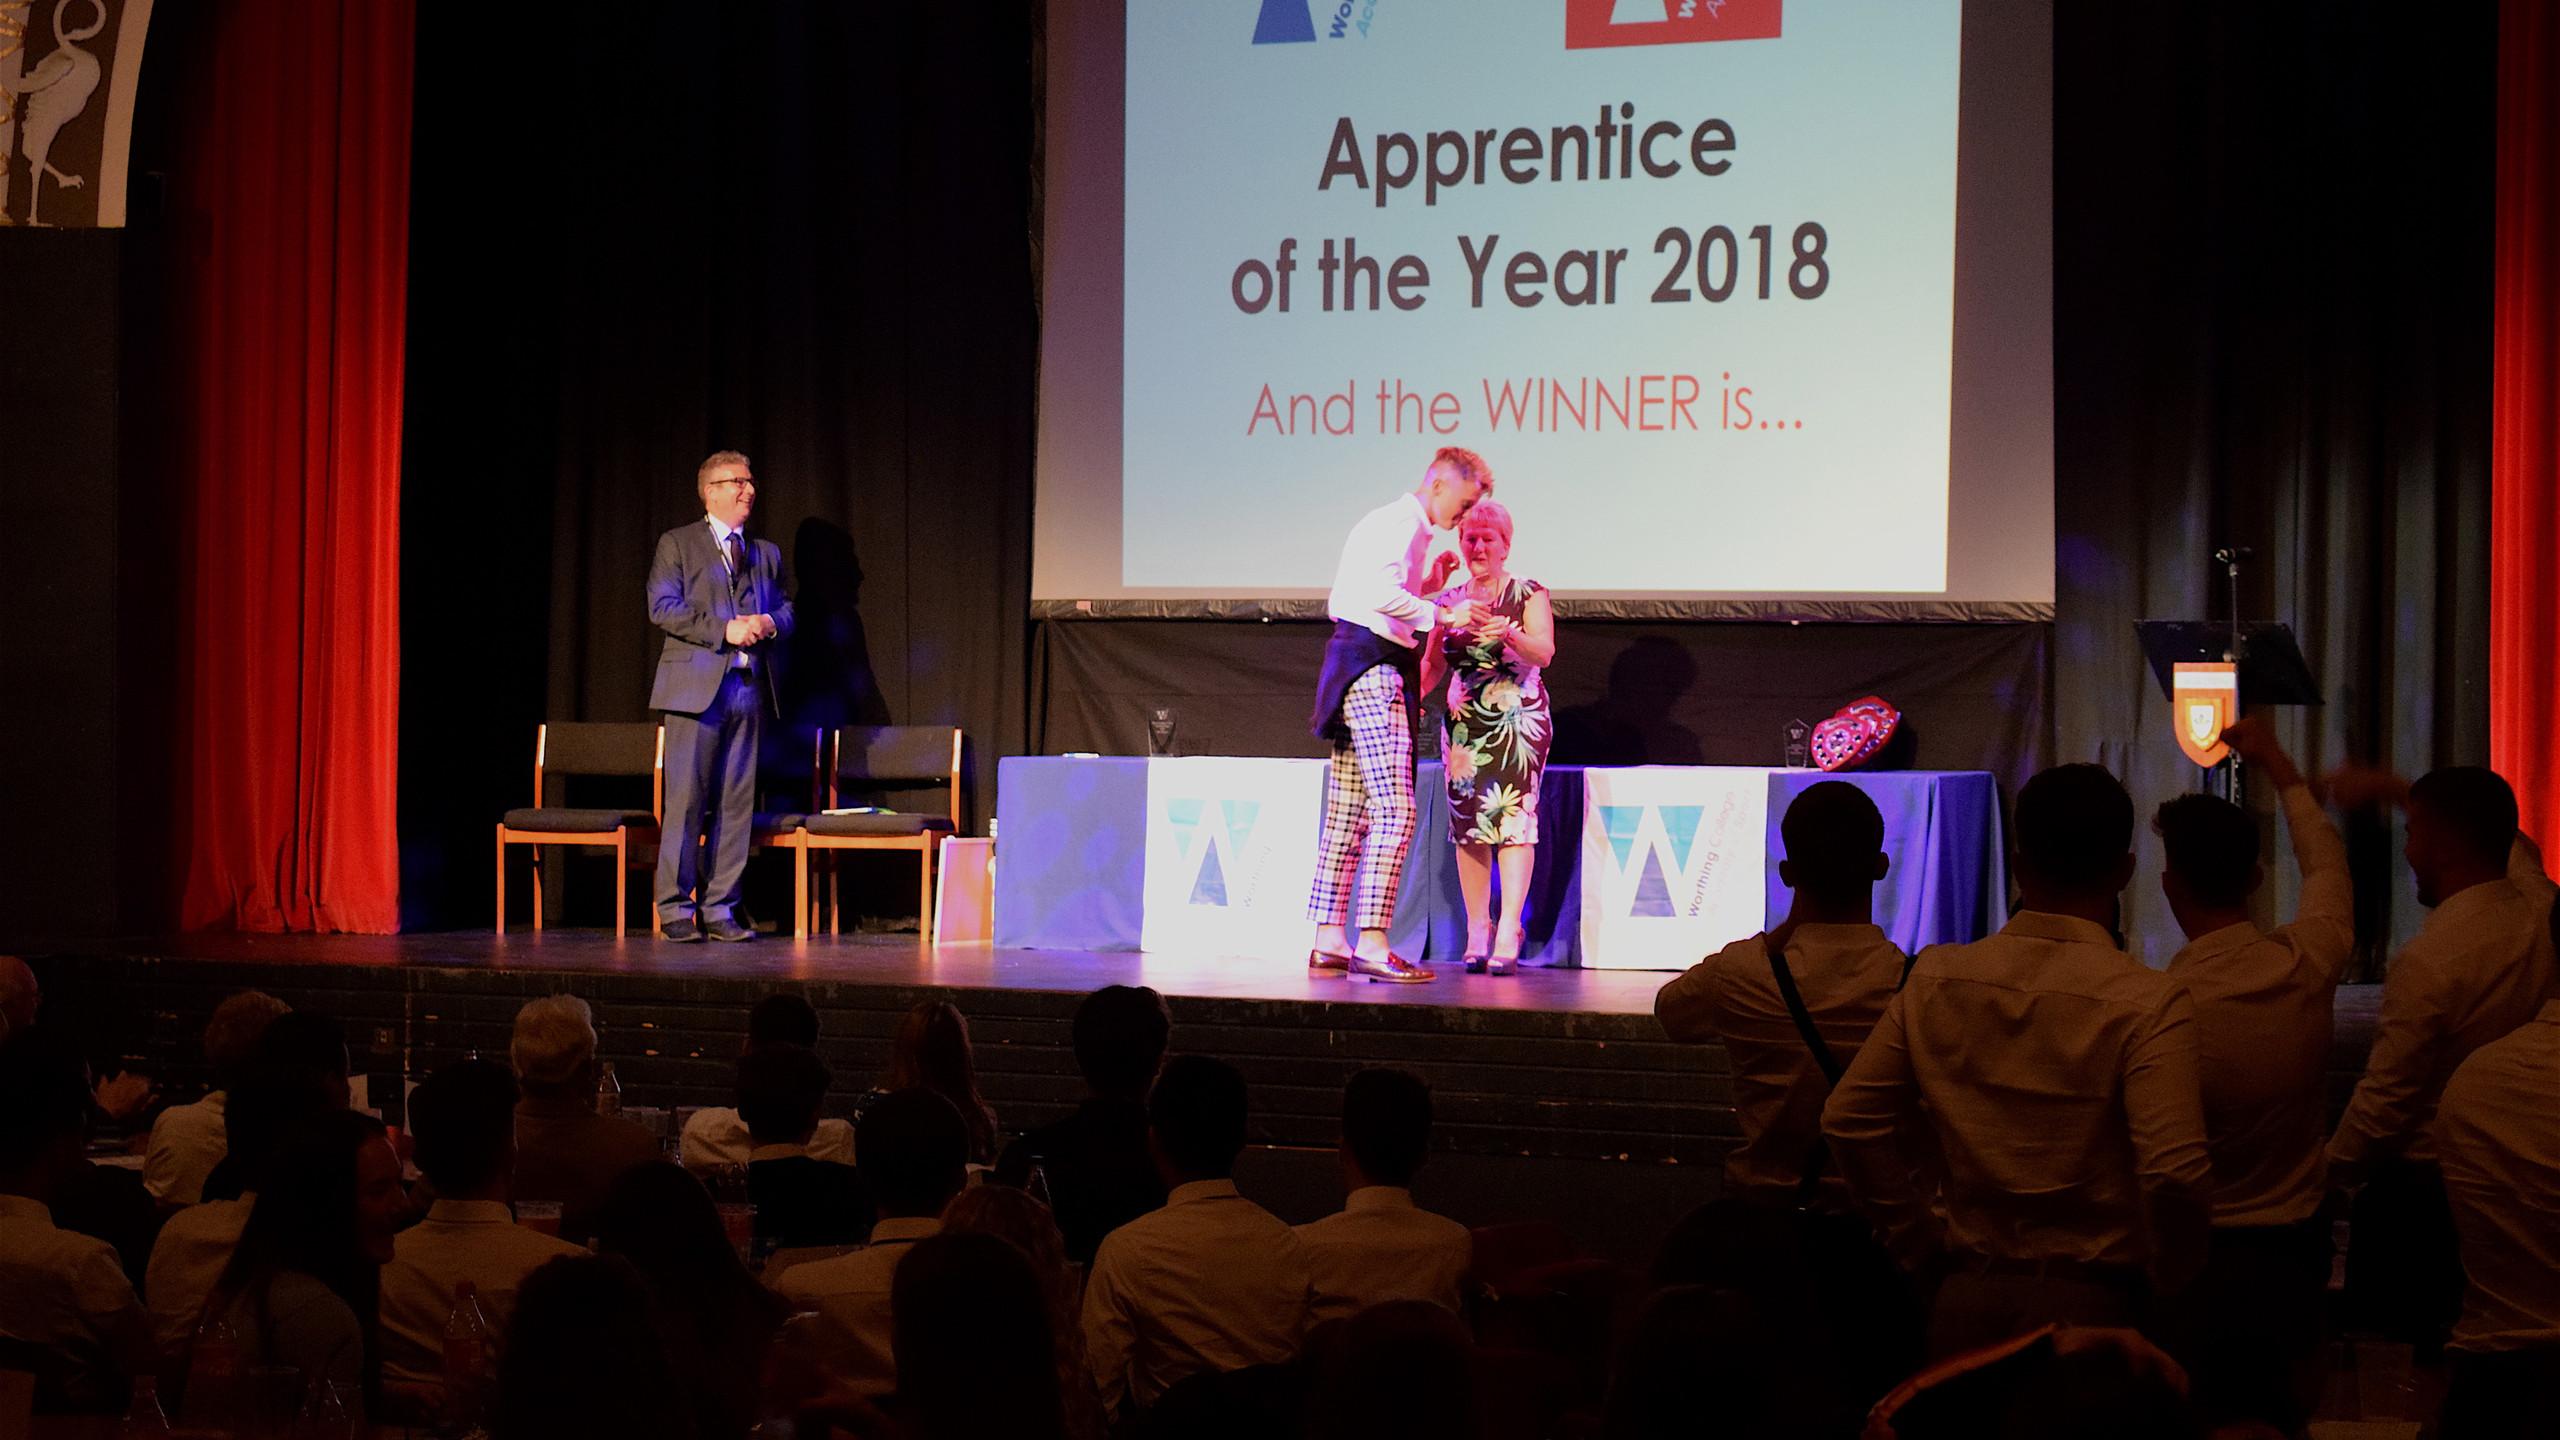 Apprentice Winner